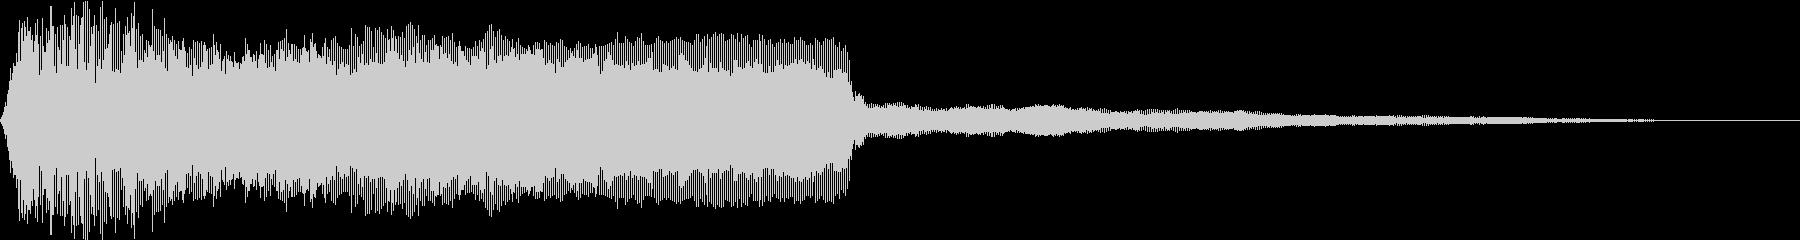 レゲエやDJで使われるラッパ音ver3の未再生の波形